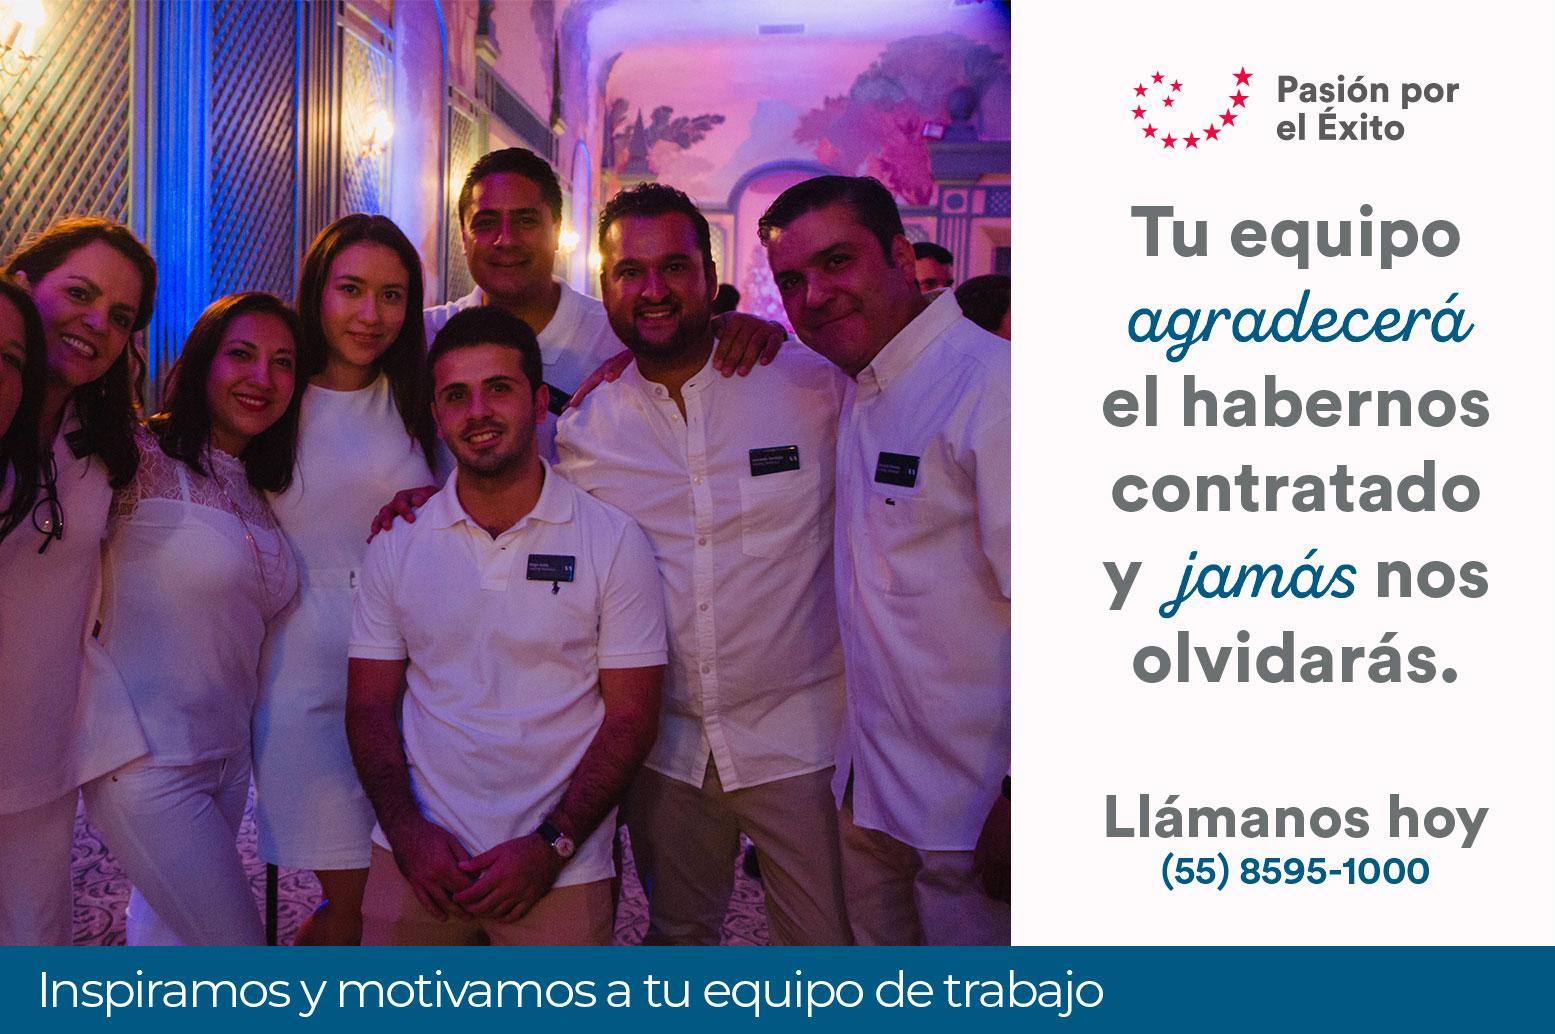 dinamica-de-integracion-y-team-building-contratanos-sim-com